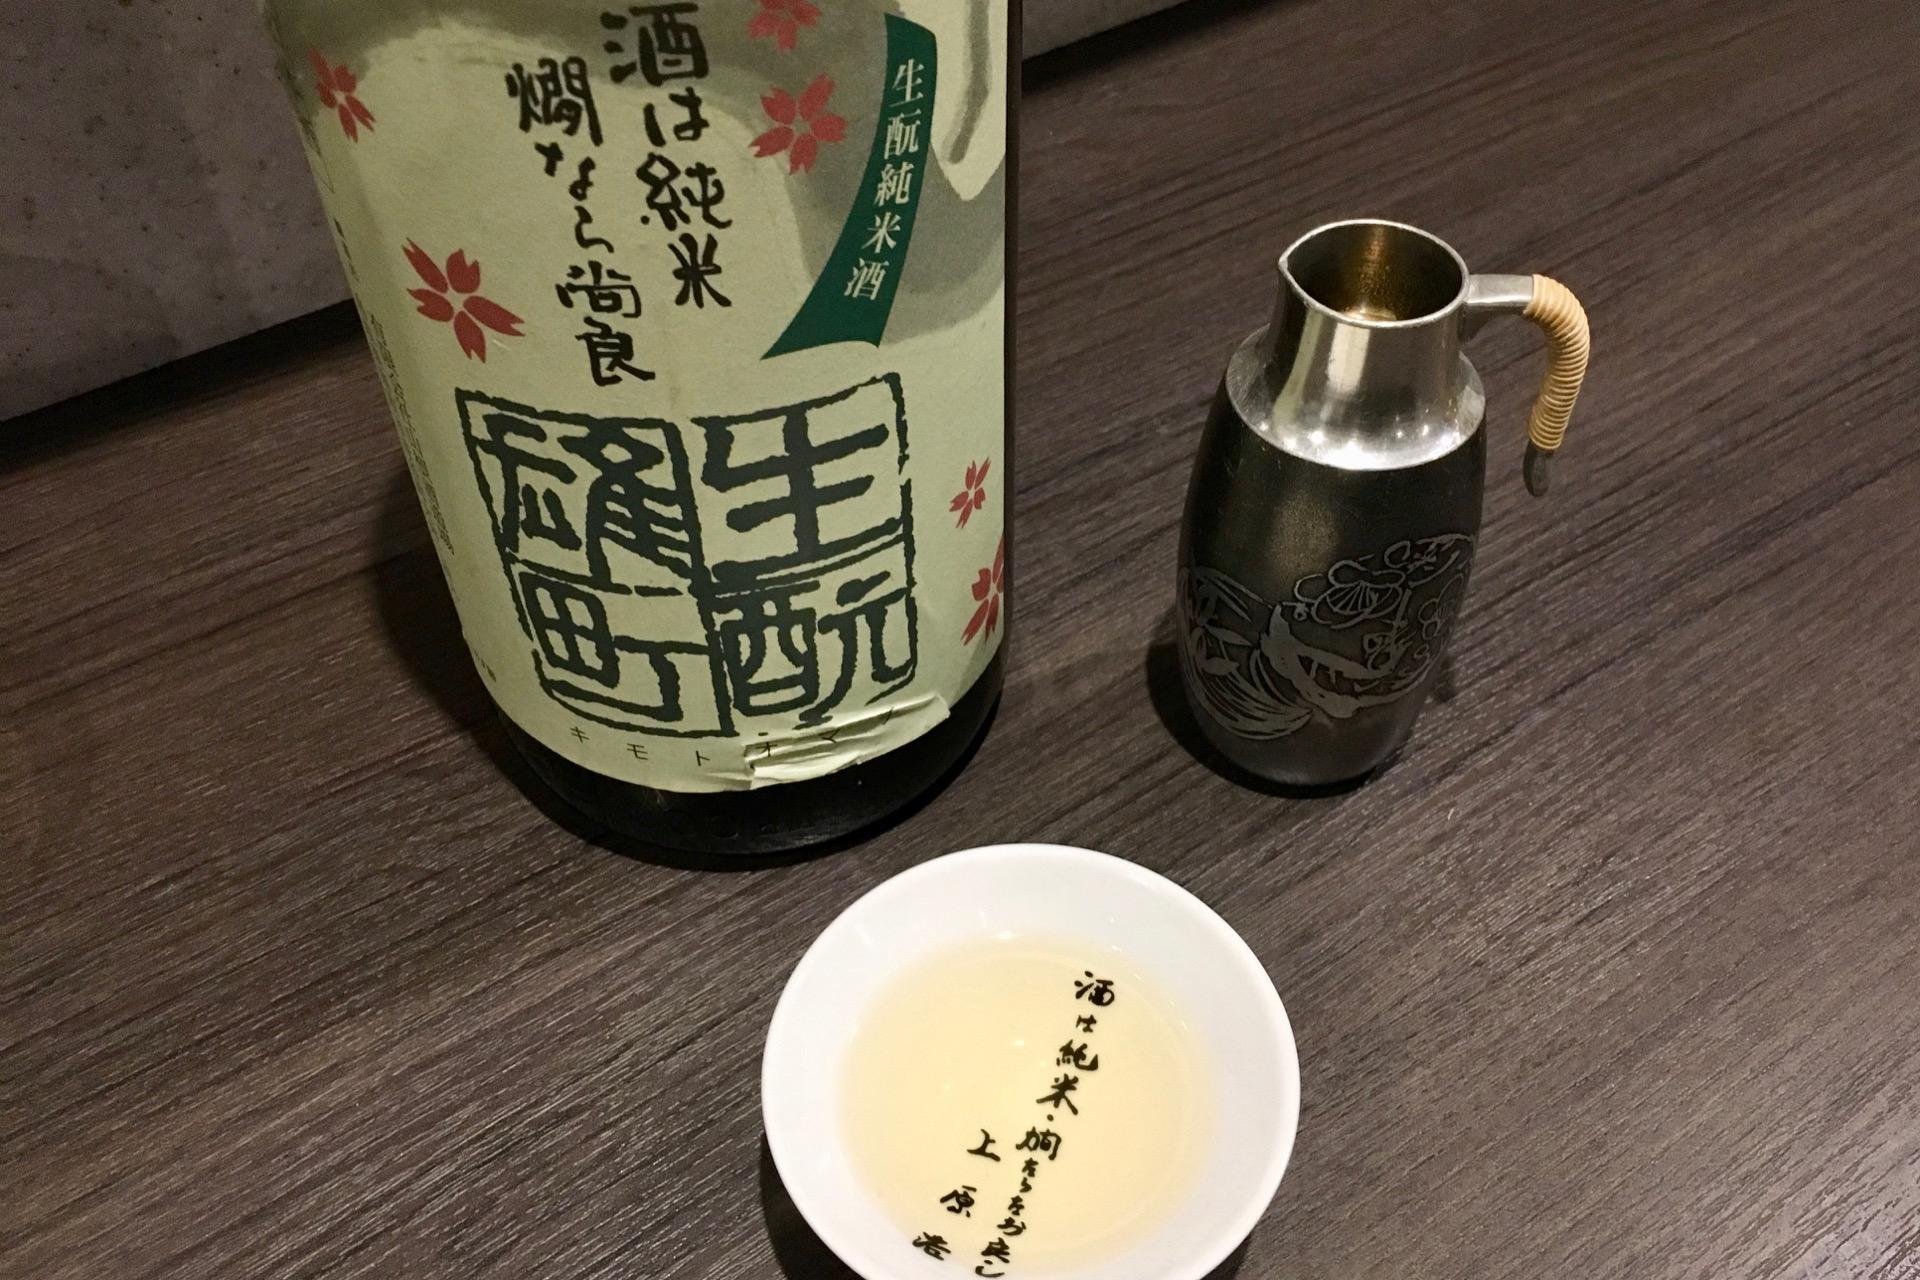 日置桜 生酛雄町 純米酒|日本酒テイスティングノート